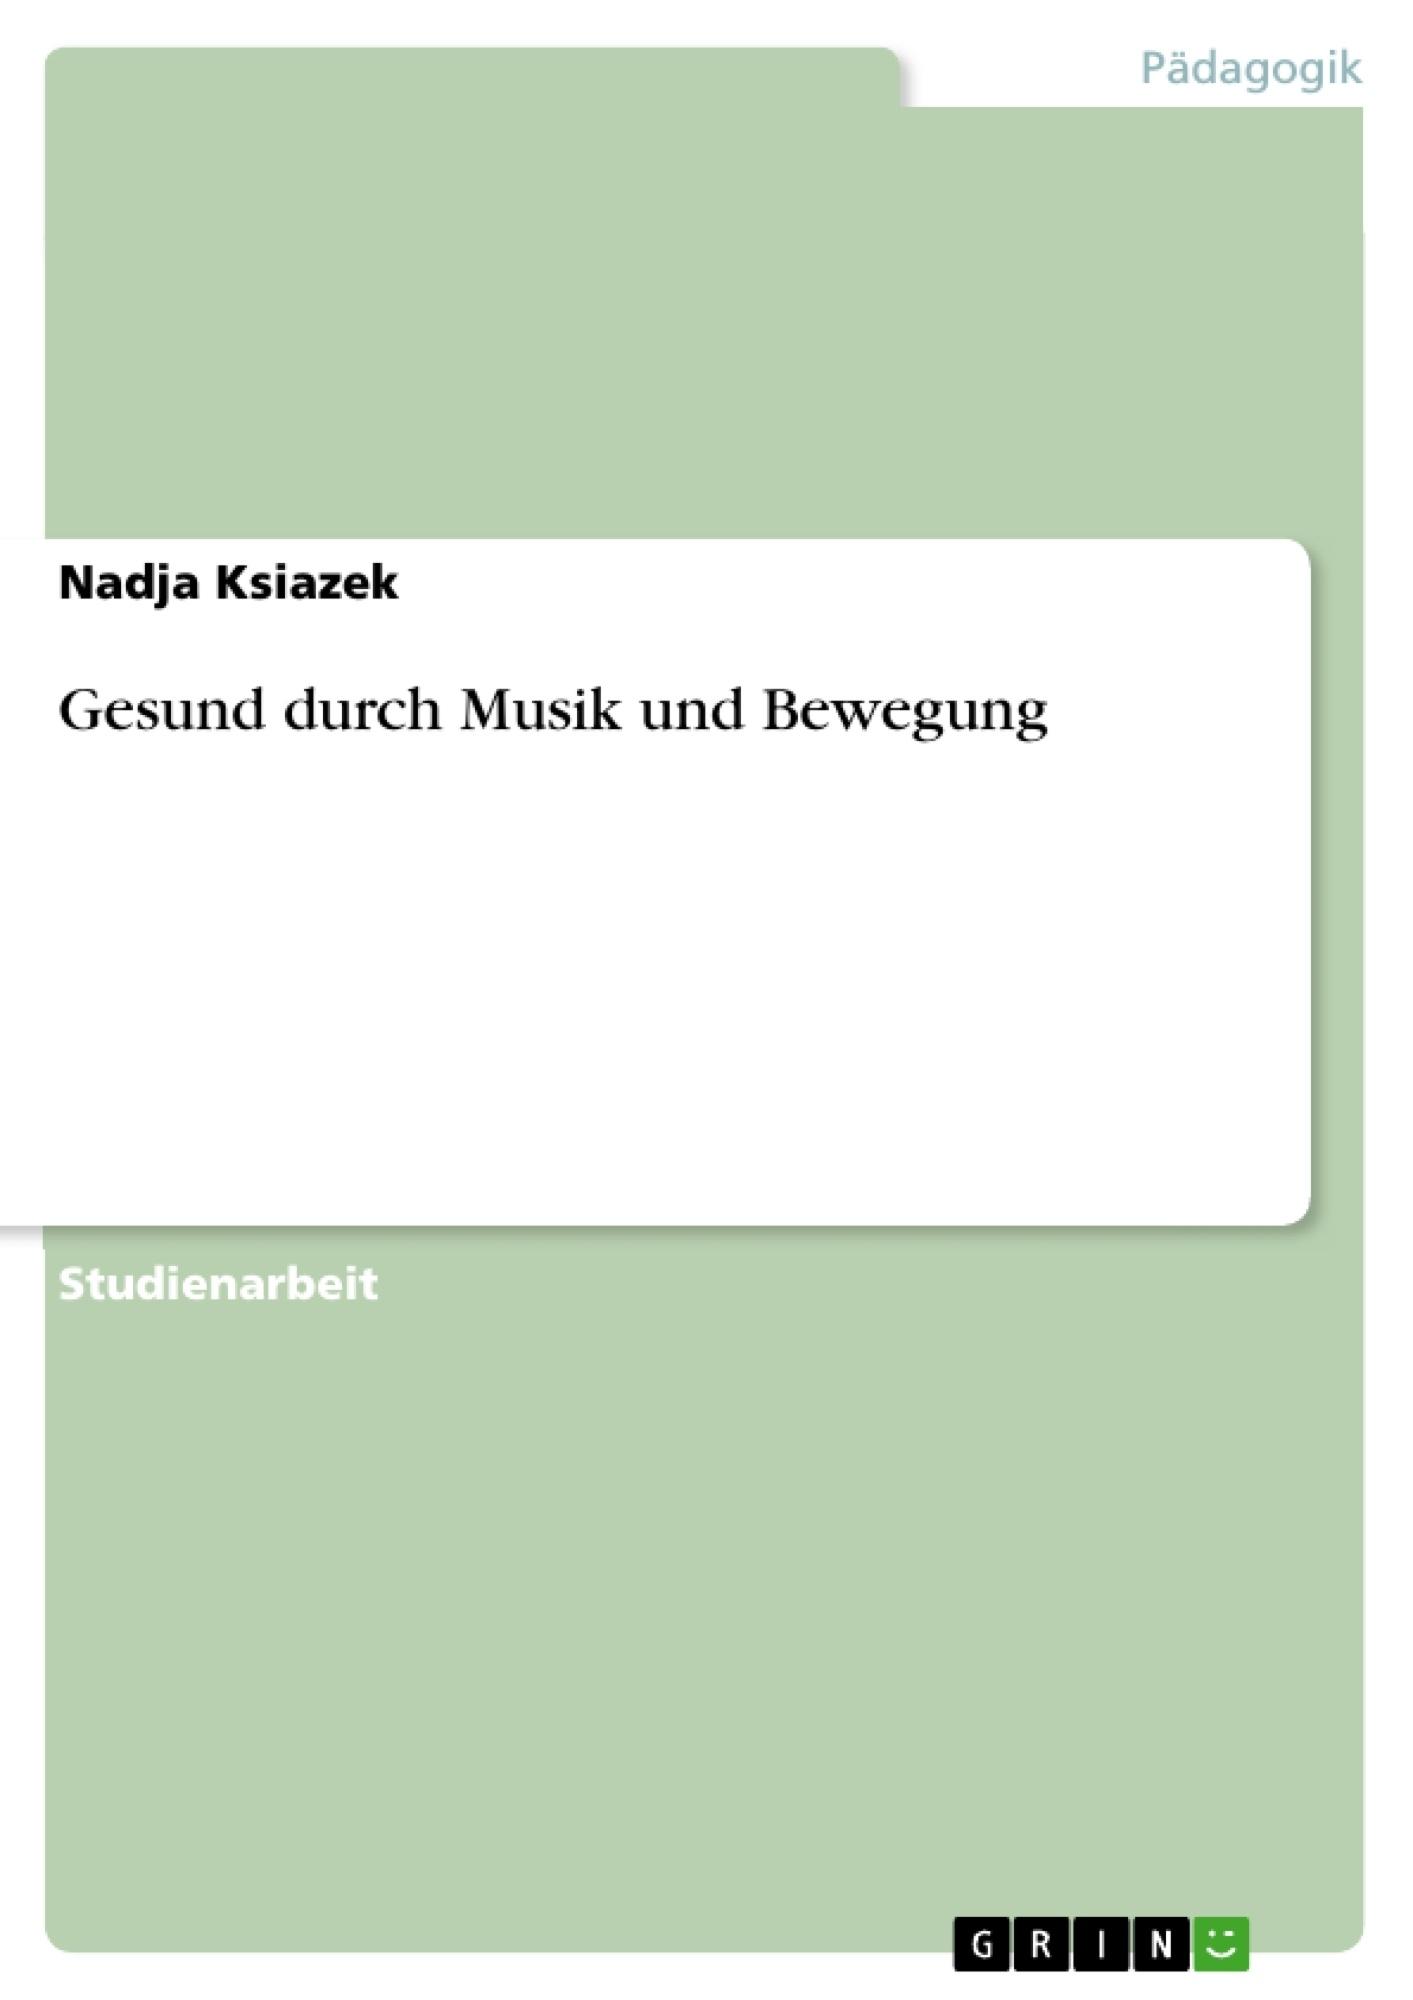 Titel: Gesund durch Musik und Bewegung